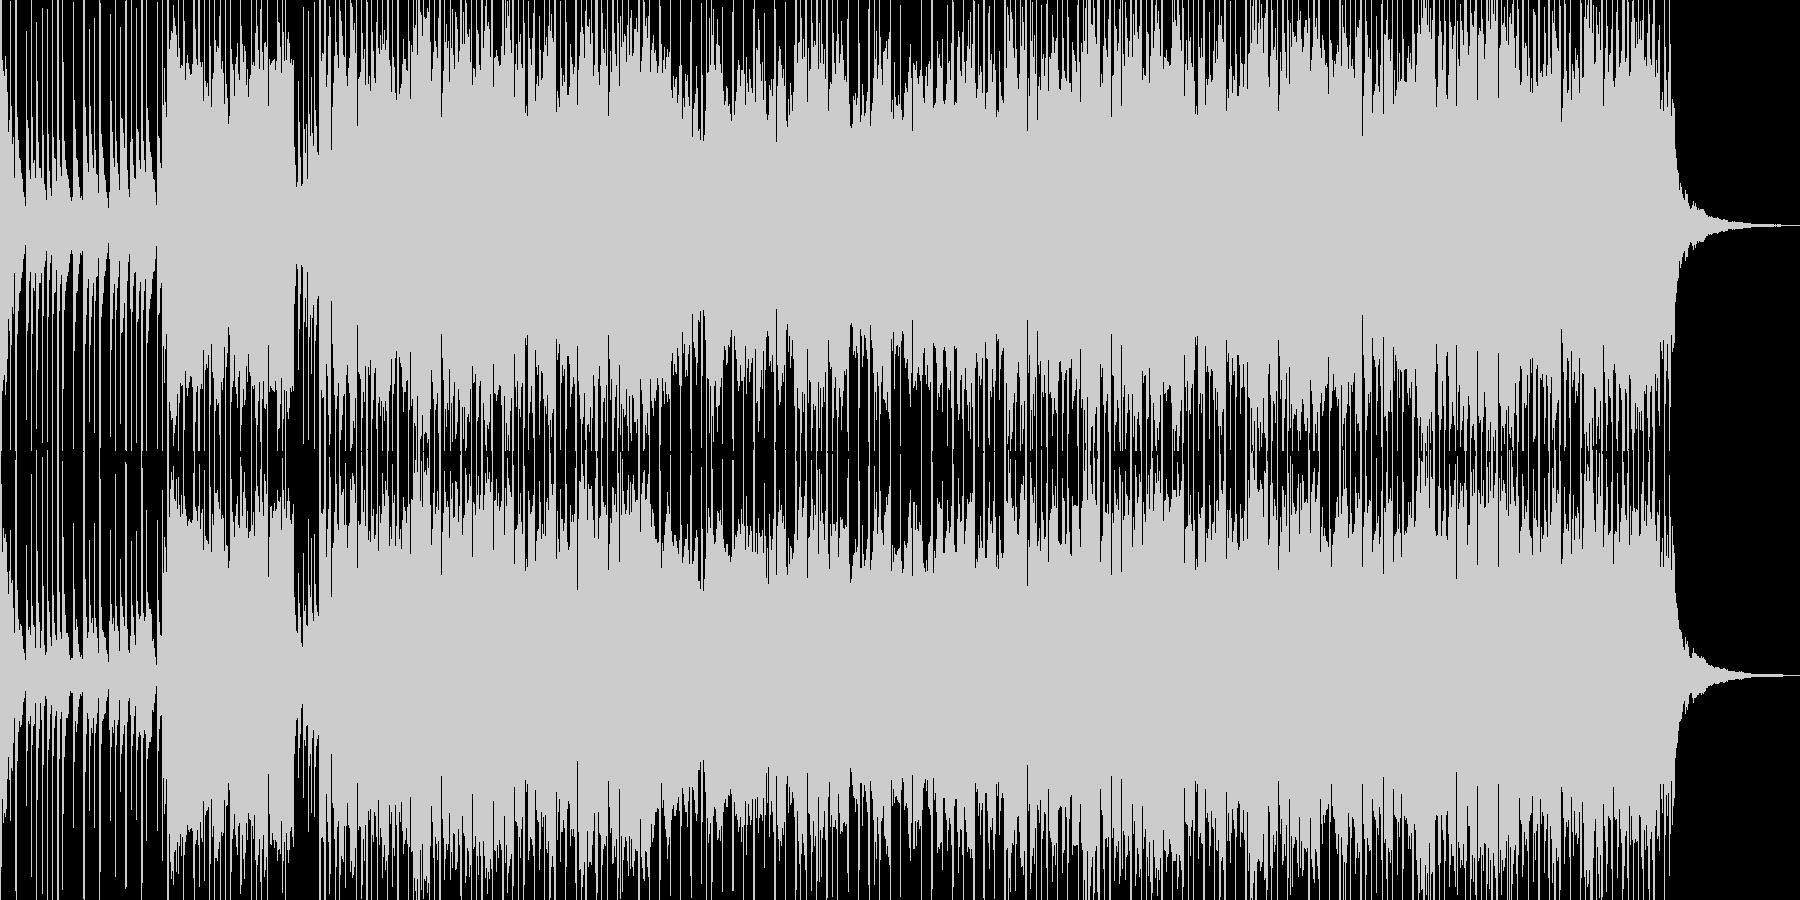 三味線・琴・尺八・和太鼓による和風EDMの未再生の波形